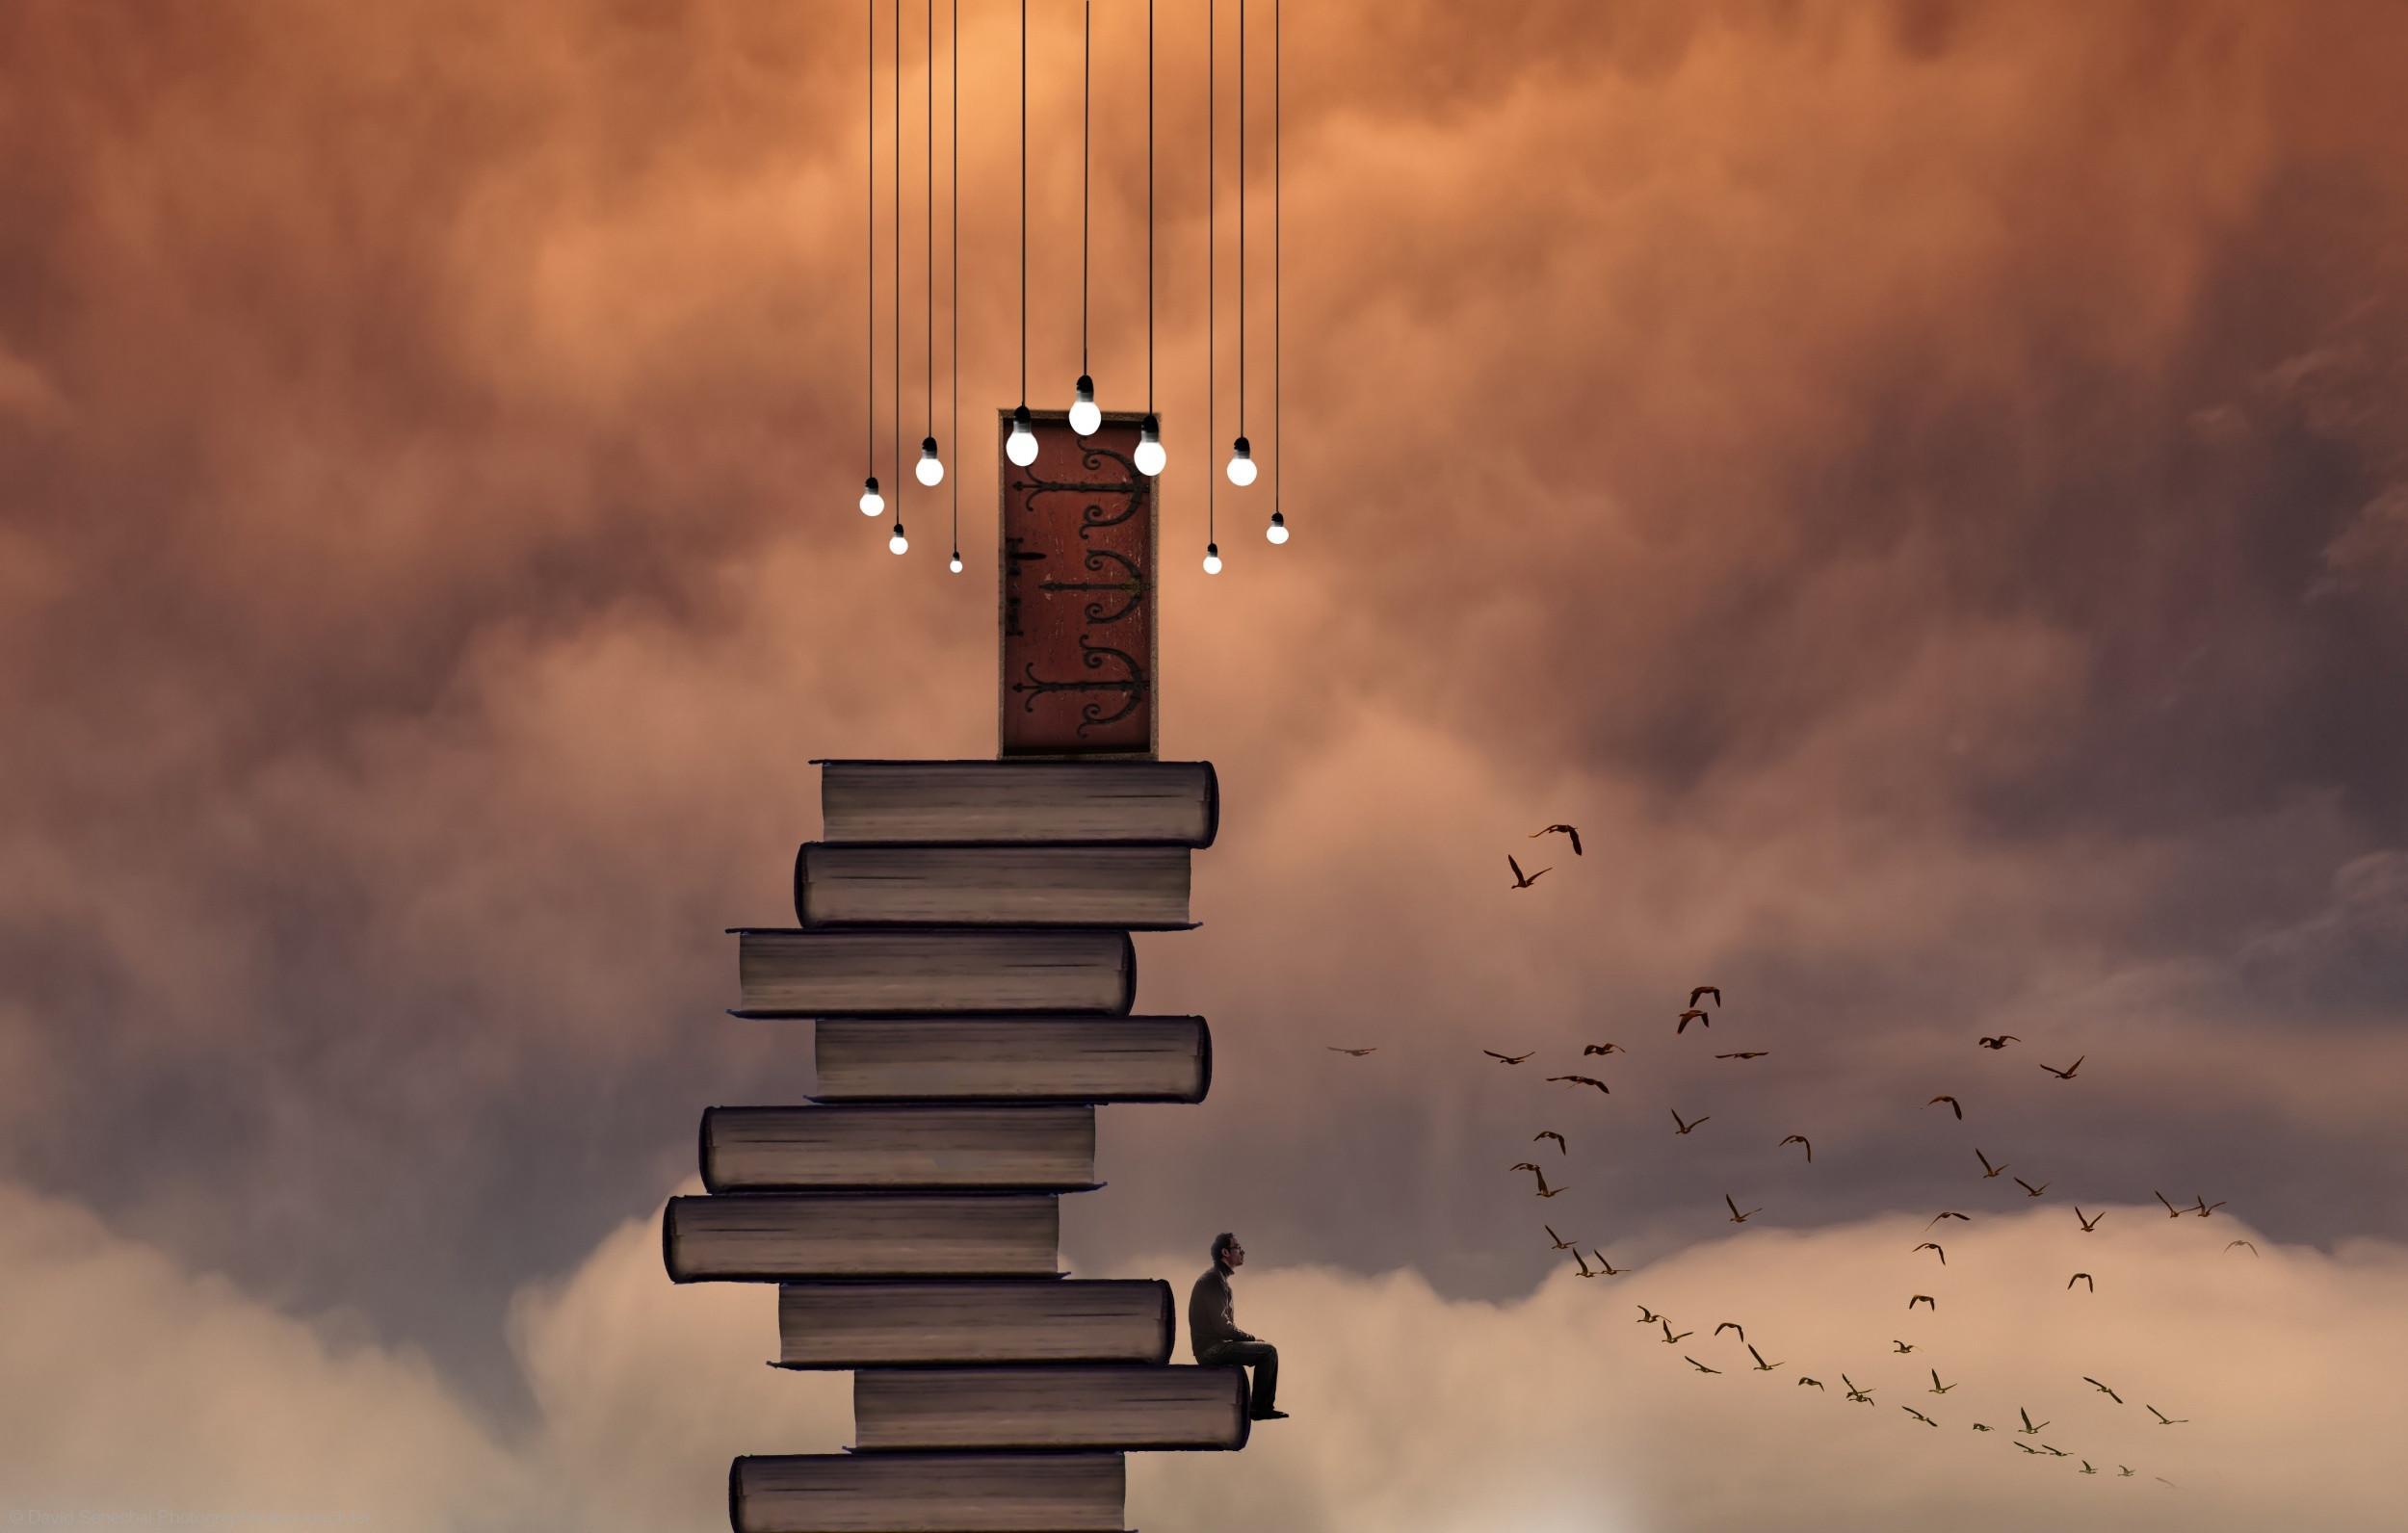 اینجا... هیچکس، کتاب نمیخواند!